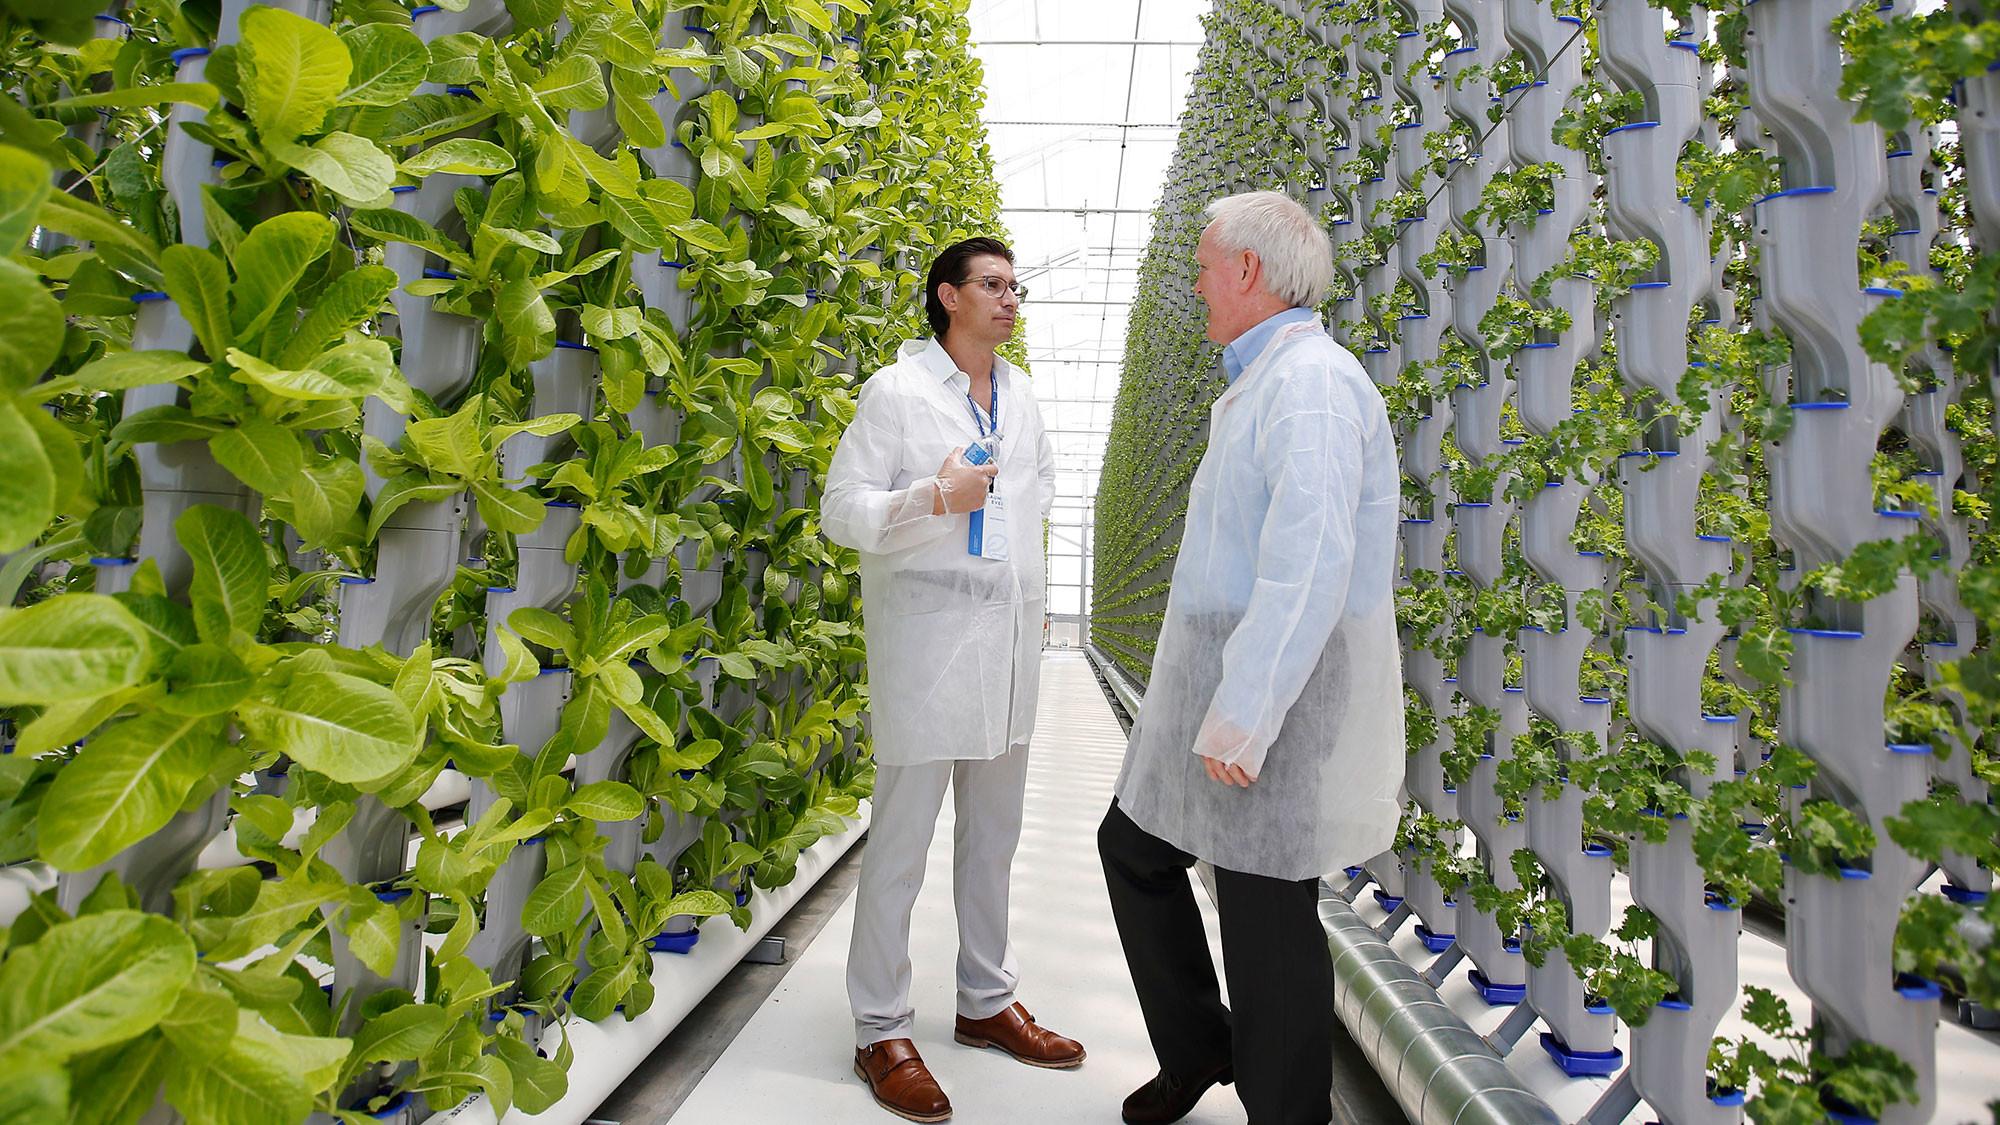 Urban Greening Camp в Лейпциге для защиты видов растений, Cleantech, Greentech и вертикальное сельское хозяйство